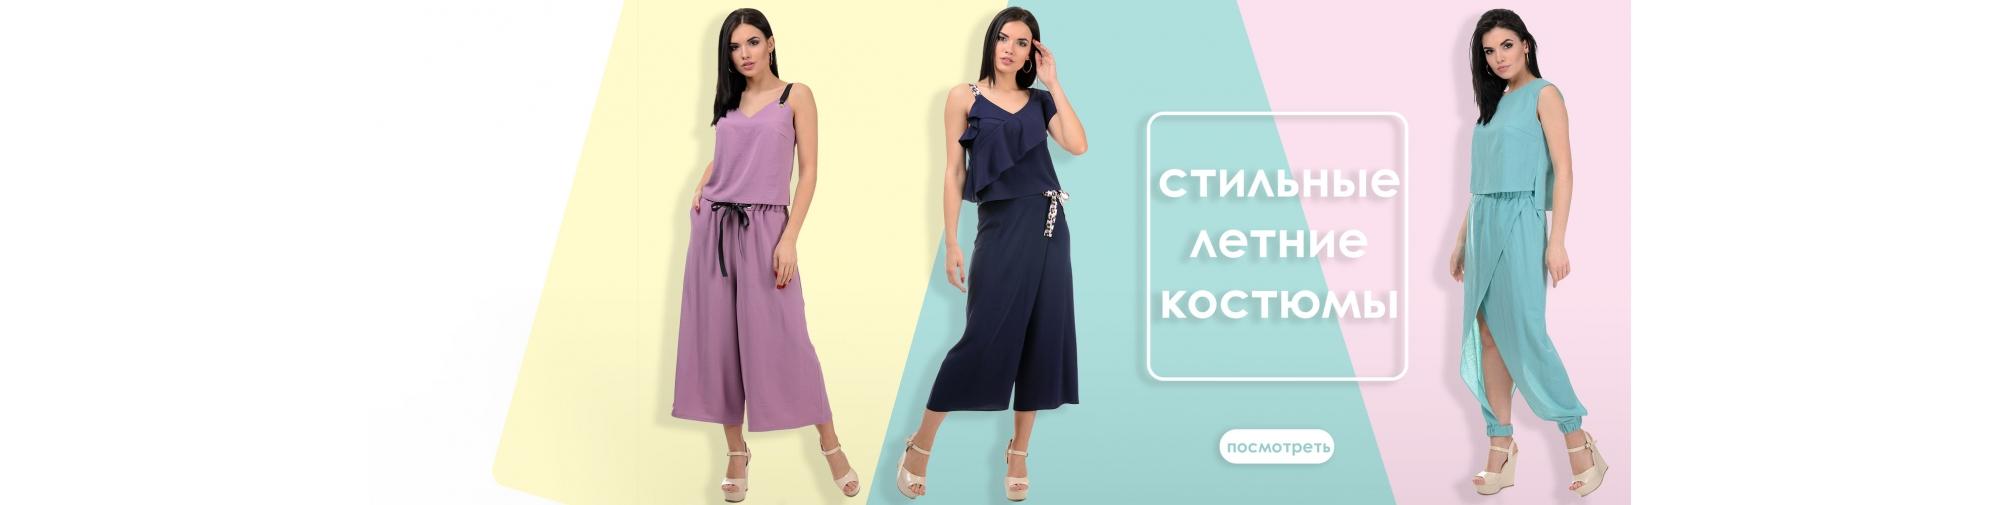 628f32a3068 Оптовый интернет-магазин женской одежды